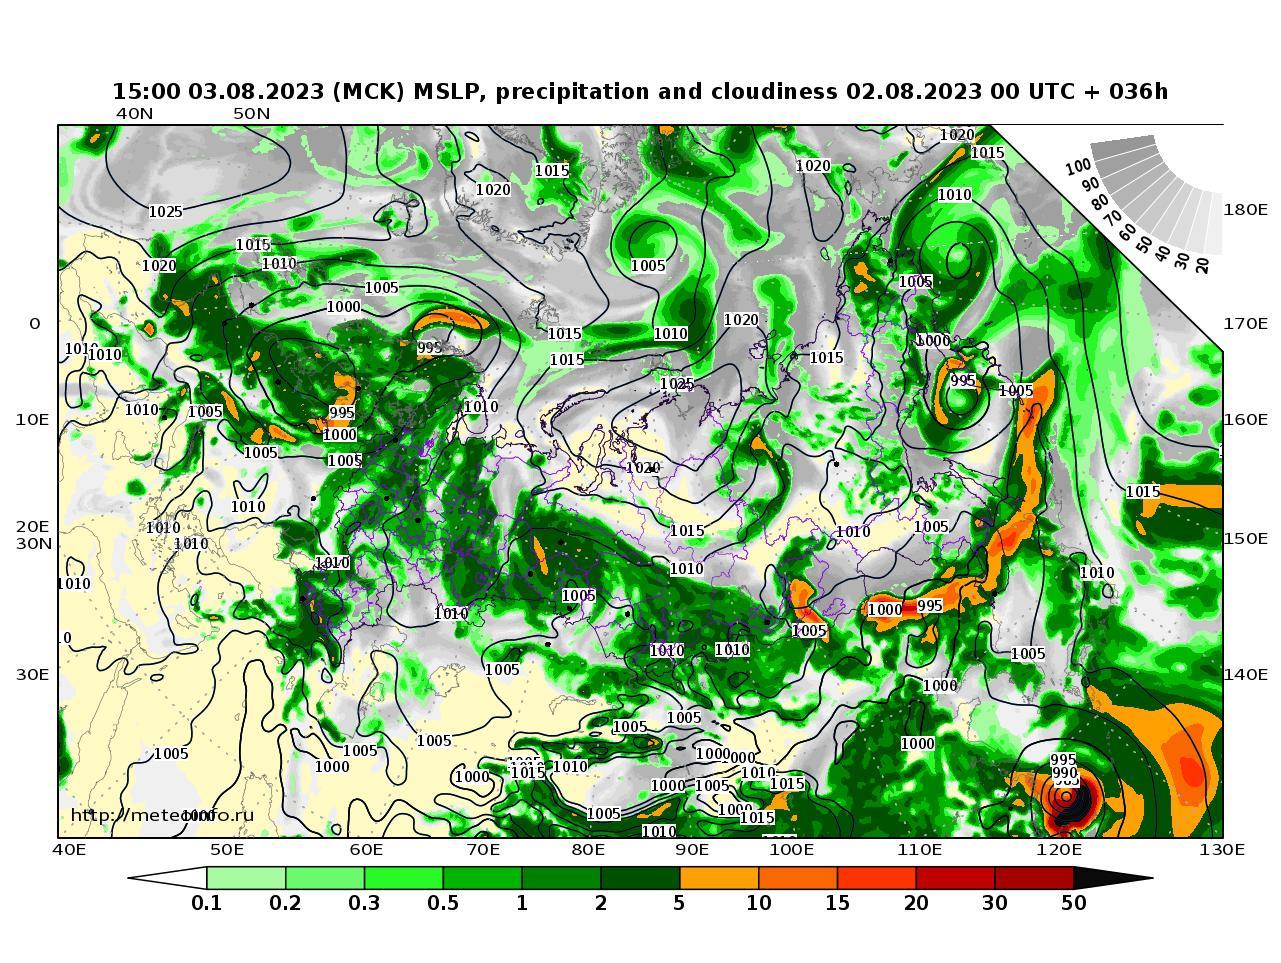 Россия, прогностическая карта осадки и давление, заблаговременность прогноза 36 часов